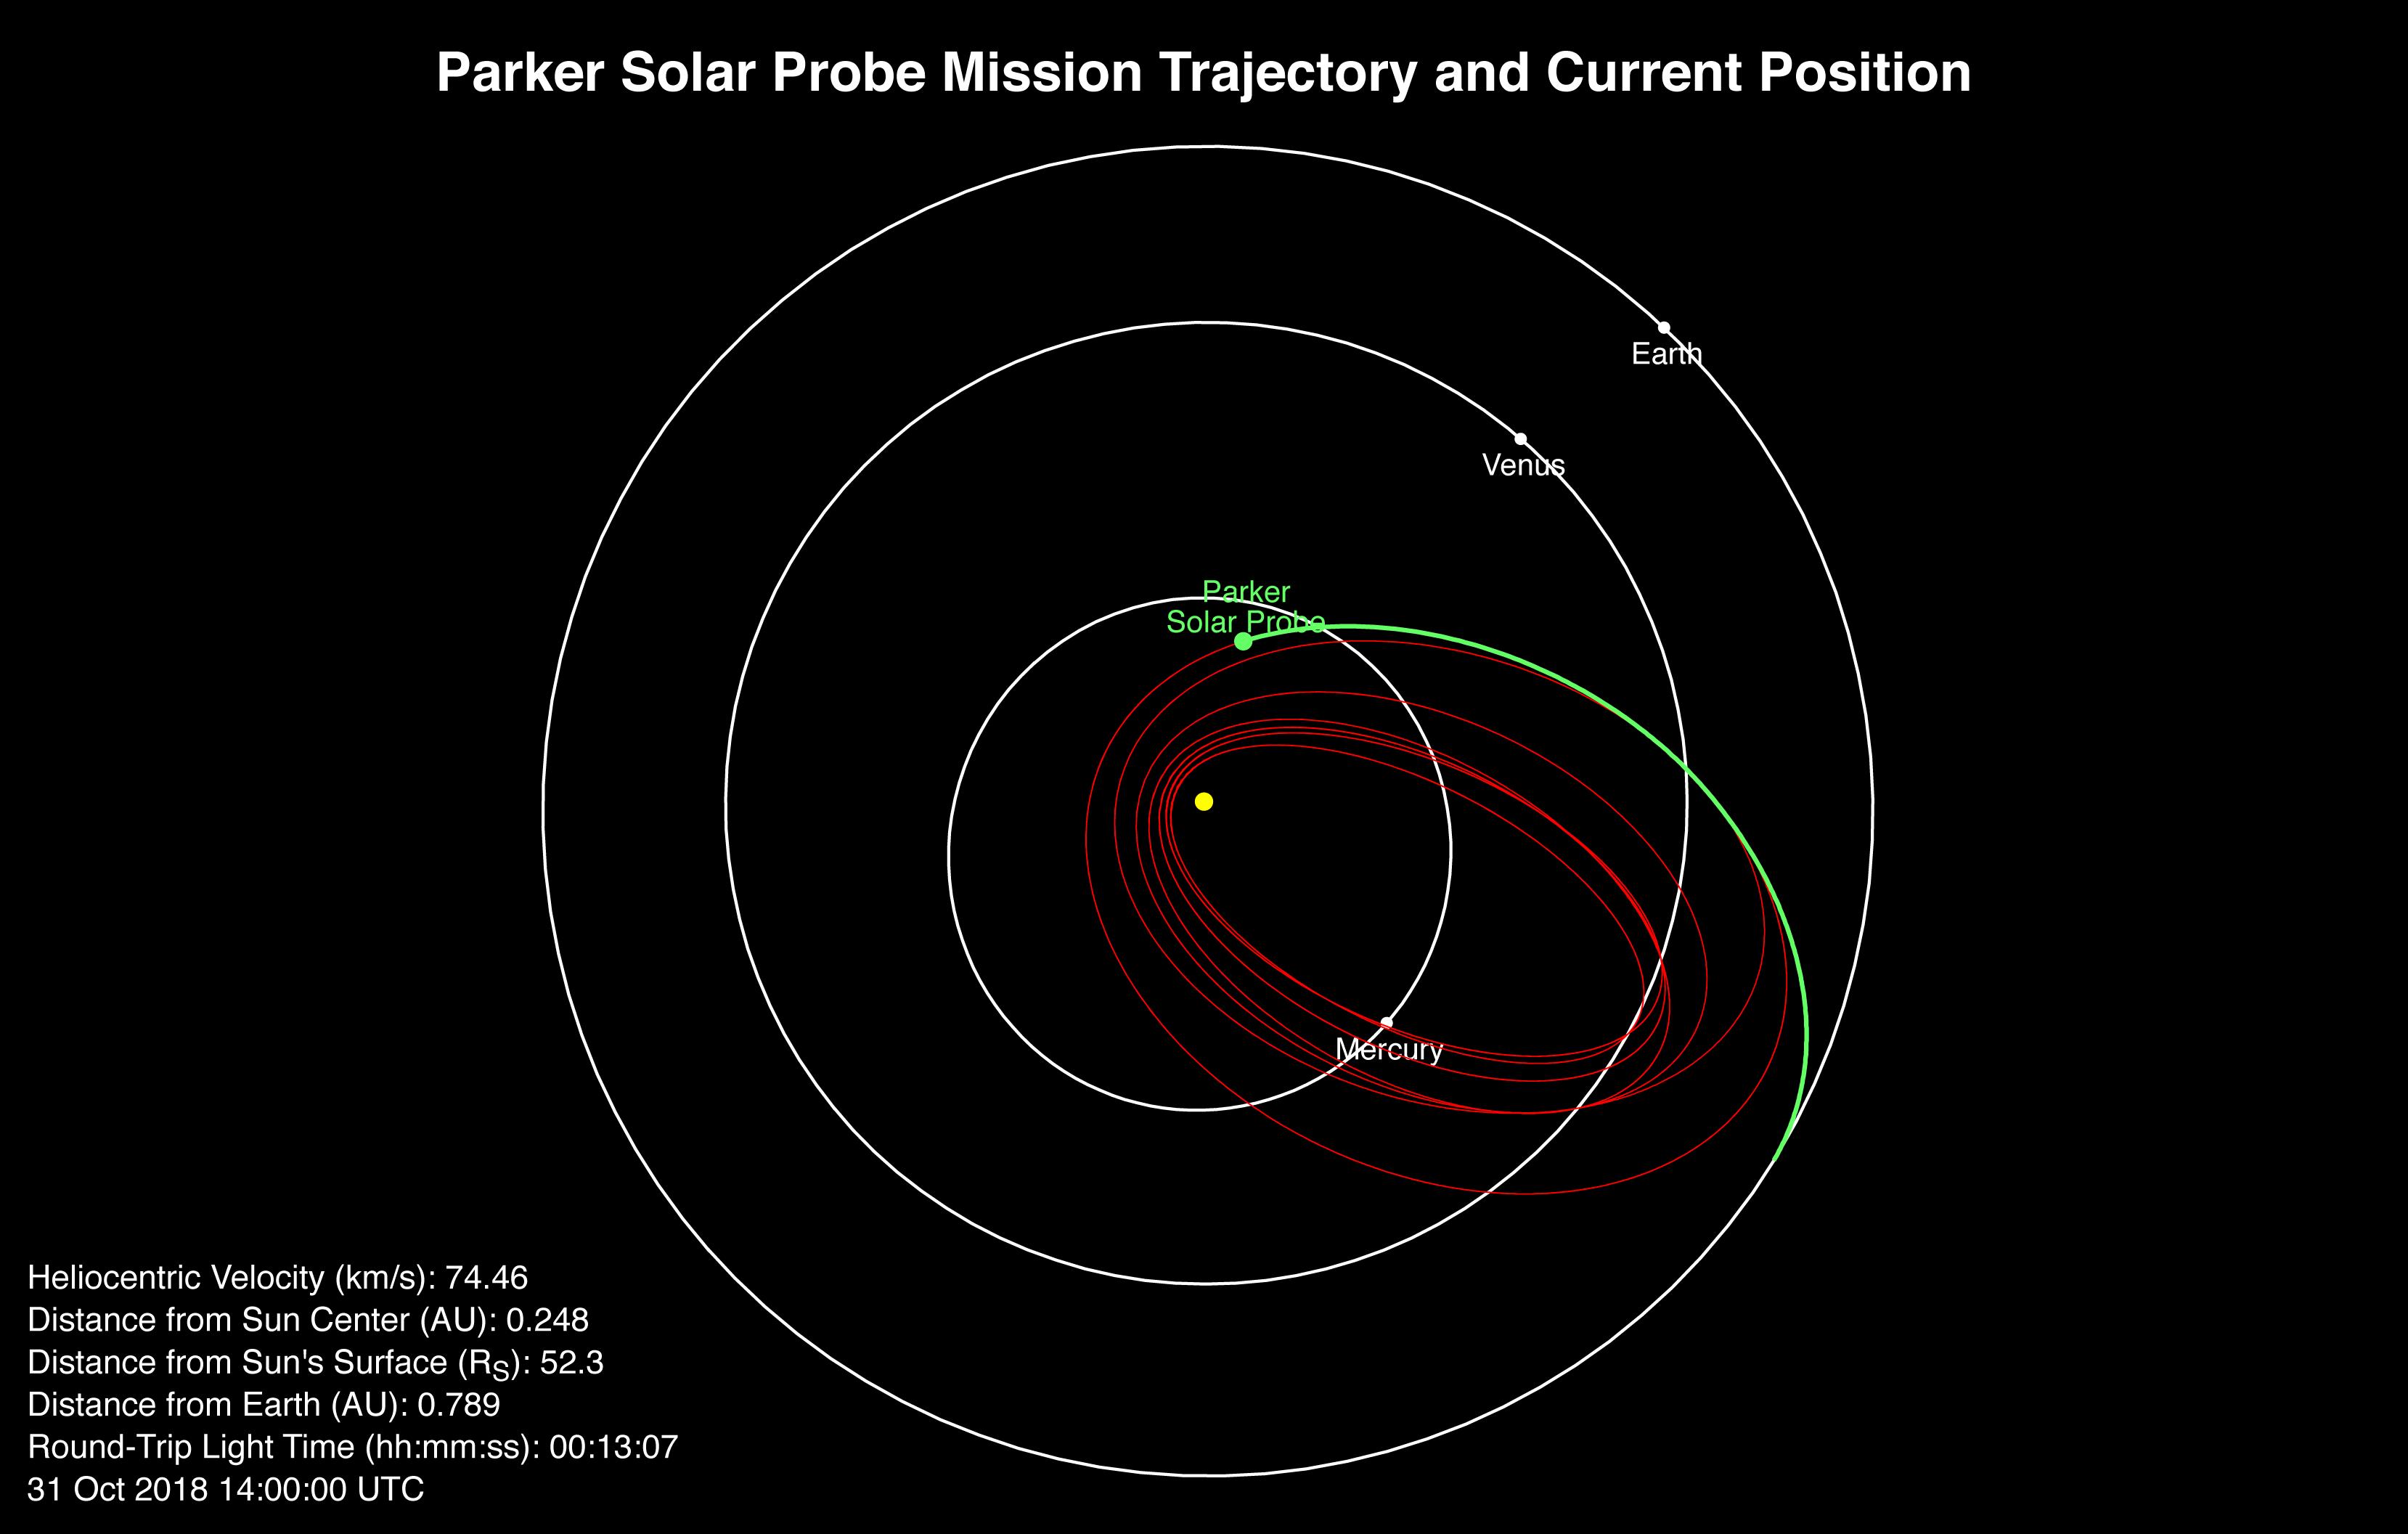 Monitoreo de la Actividad Solar 2018 - Página 7 Parker10